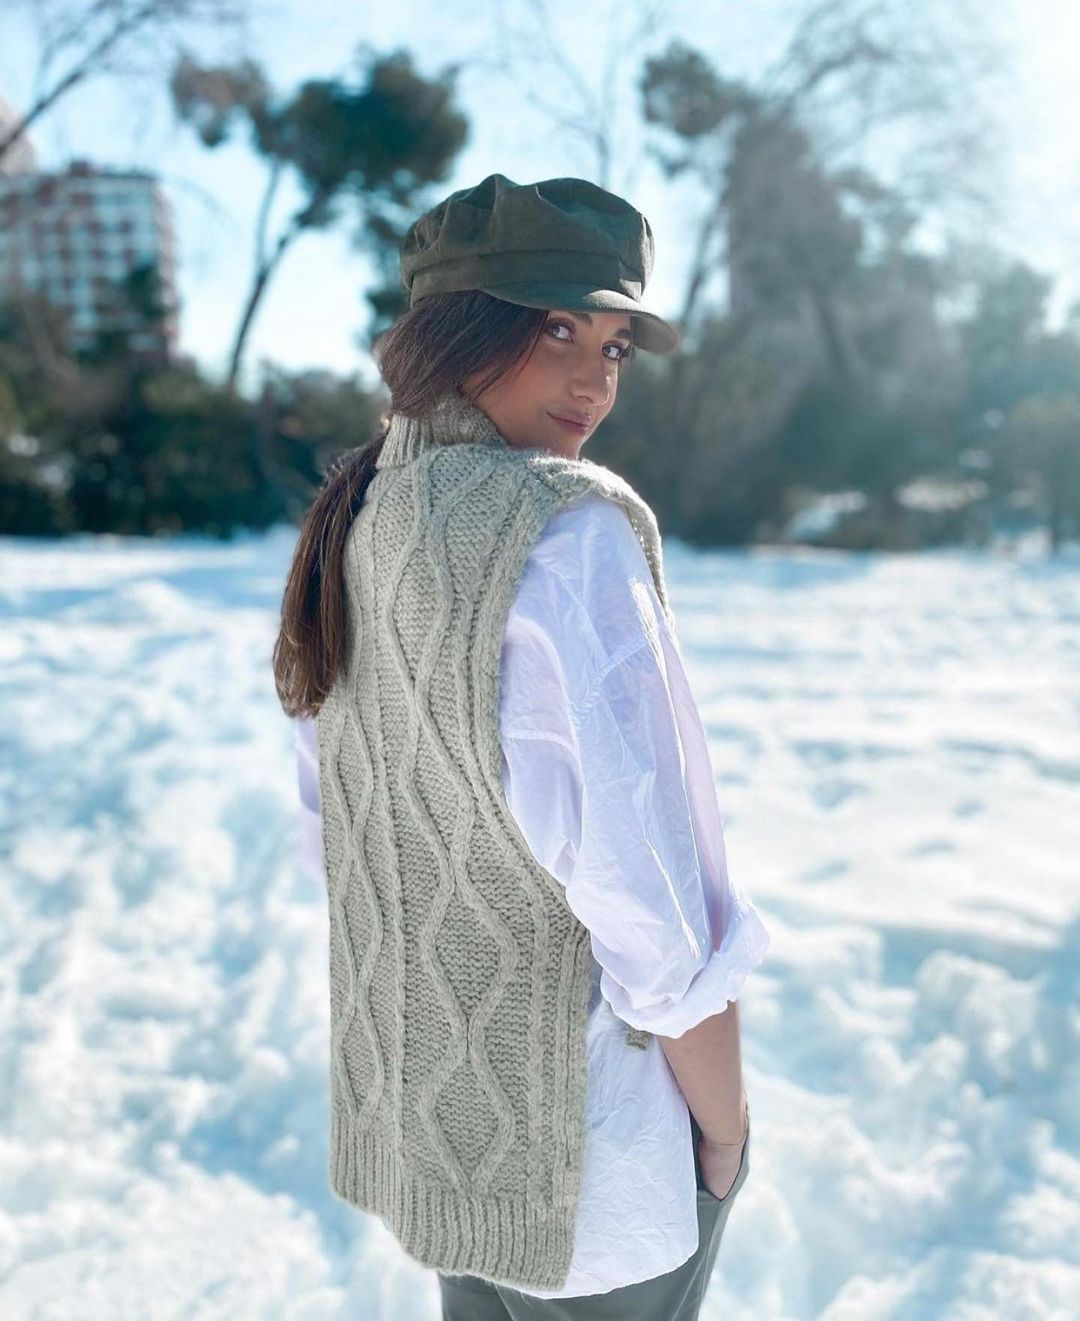 waistcoat manati de Mango sur zara.outfits